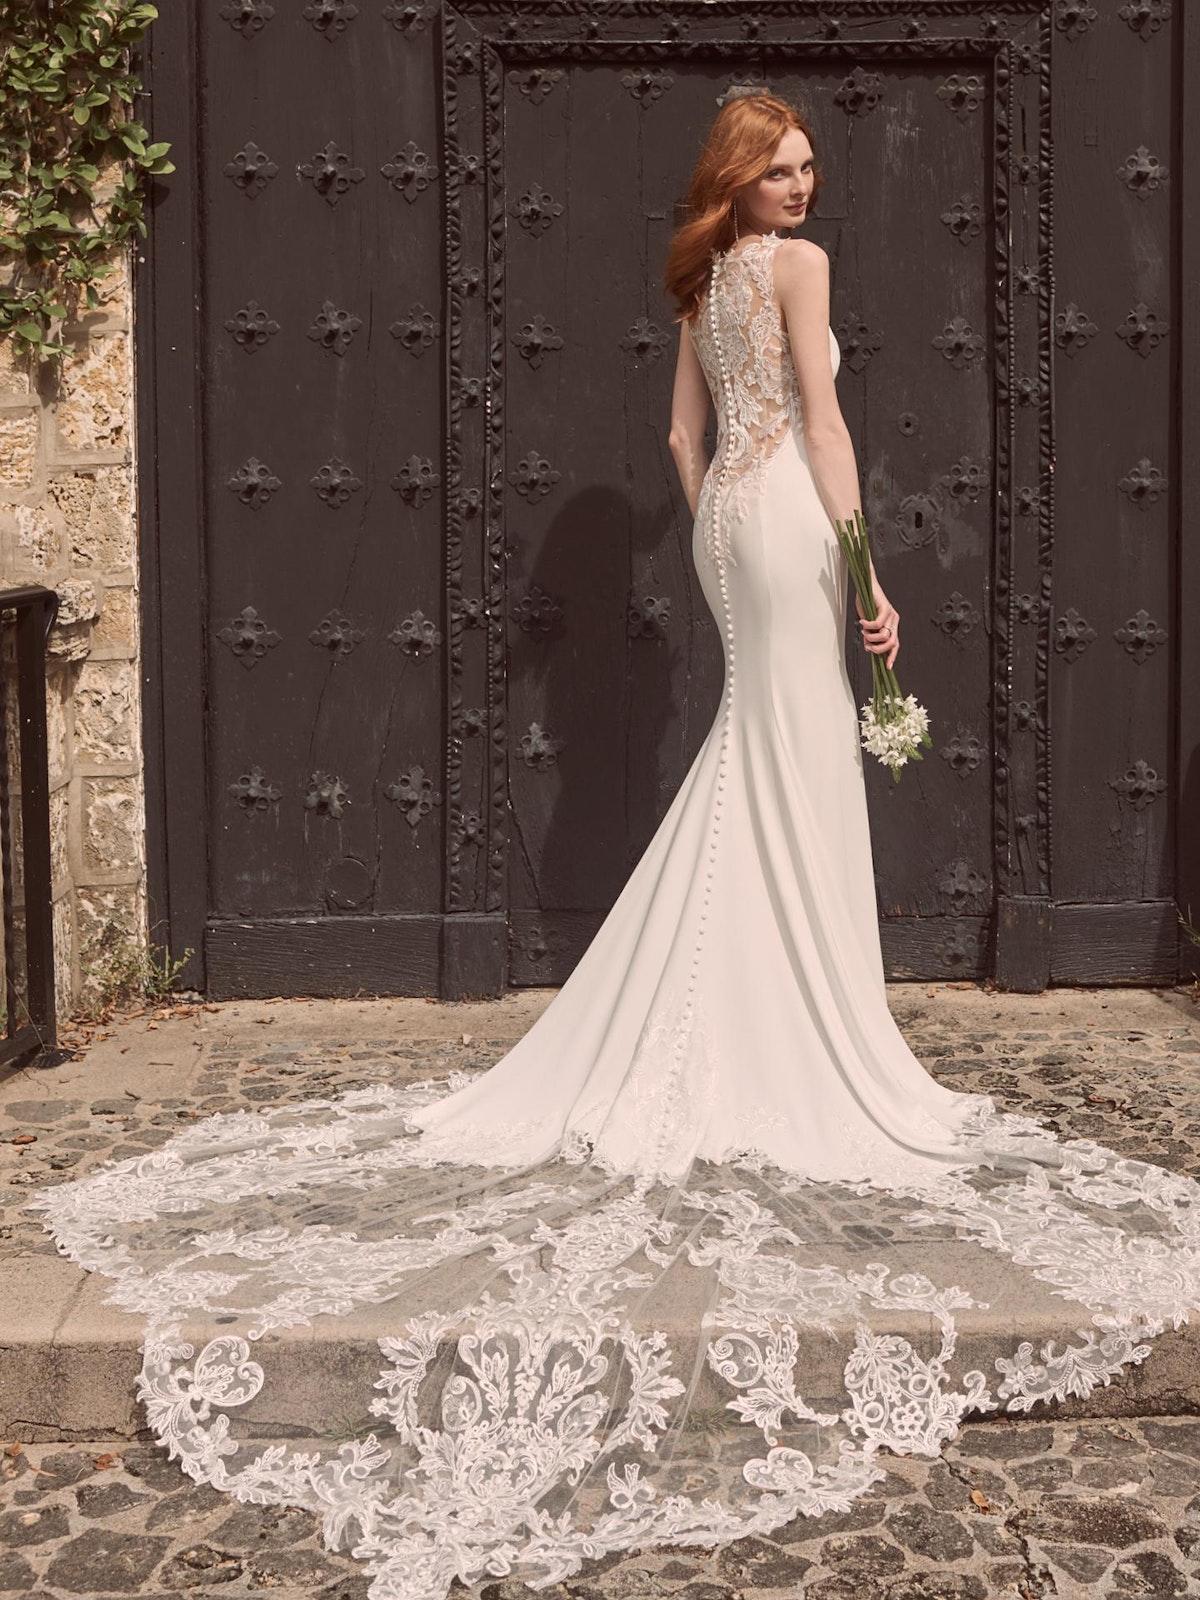 Maggie Sottero Alyssa Modern Crepe Wedding Gown 21MW352 Main